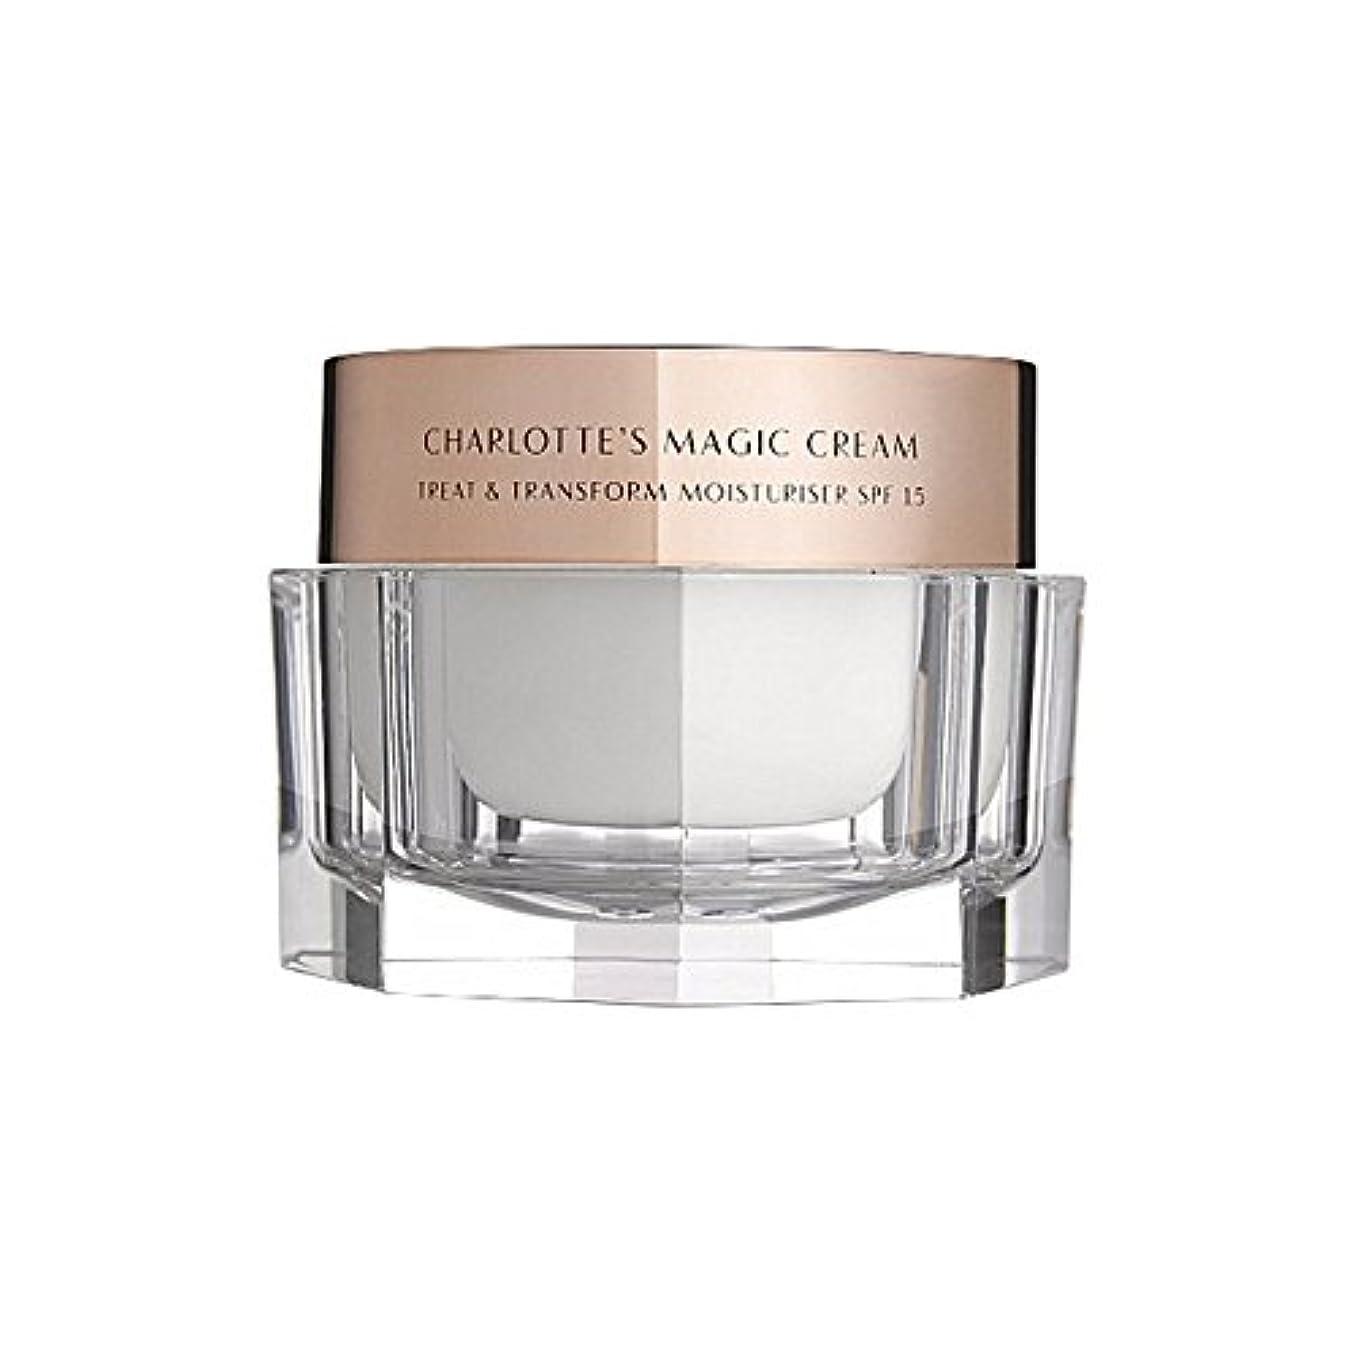 著者宙返り寂しいCharlotte Tilbury Charlotte's Magic Cream Treat & Transform Moisturiser Spf 15 50Ml (Pack of 6) - シャーロット?ティルベリーシャーロットの魔法のクリームの御馳走&モイスチャライザー 15 50ミリリットルを変換 x6 [並行輸入品]